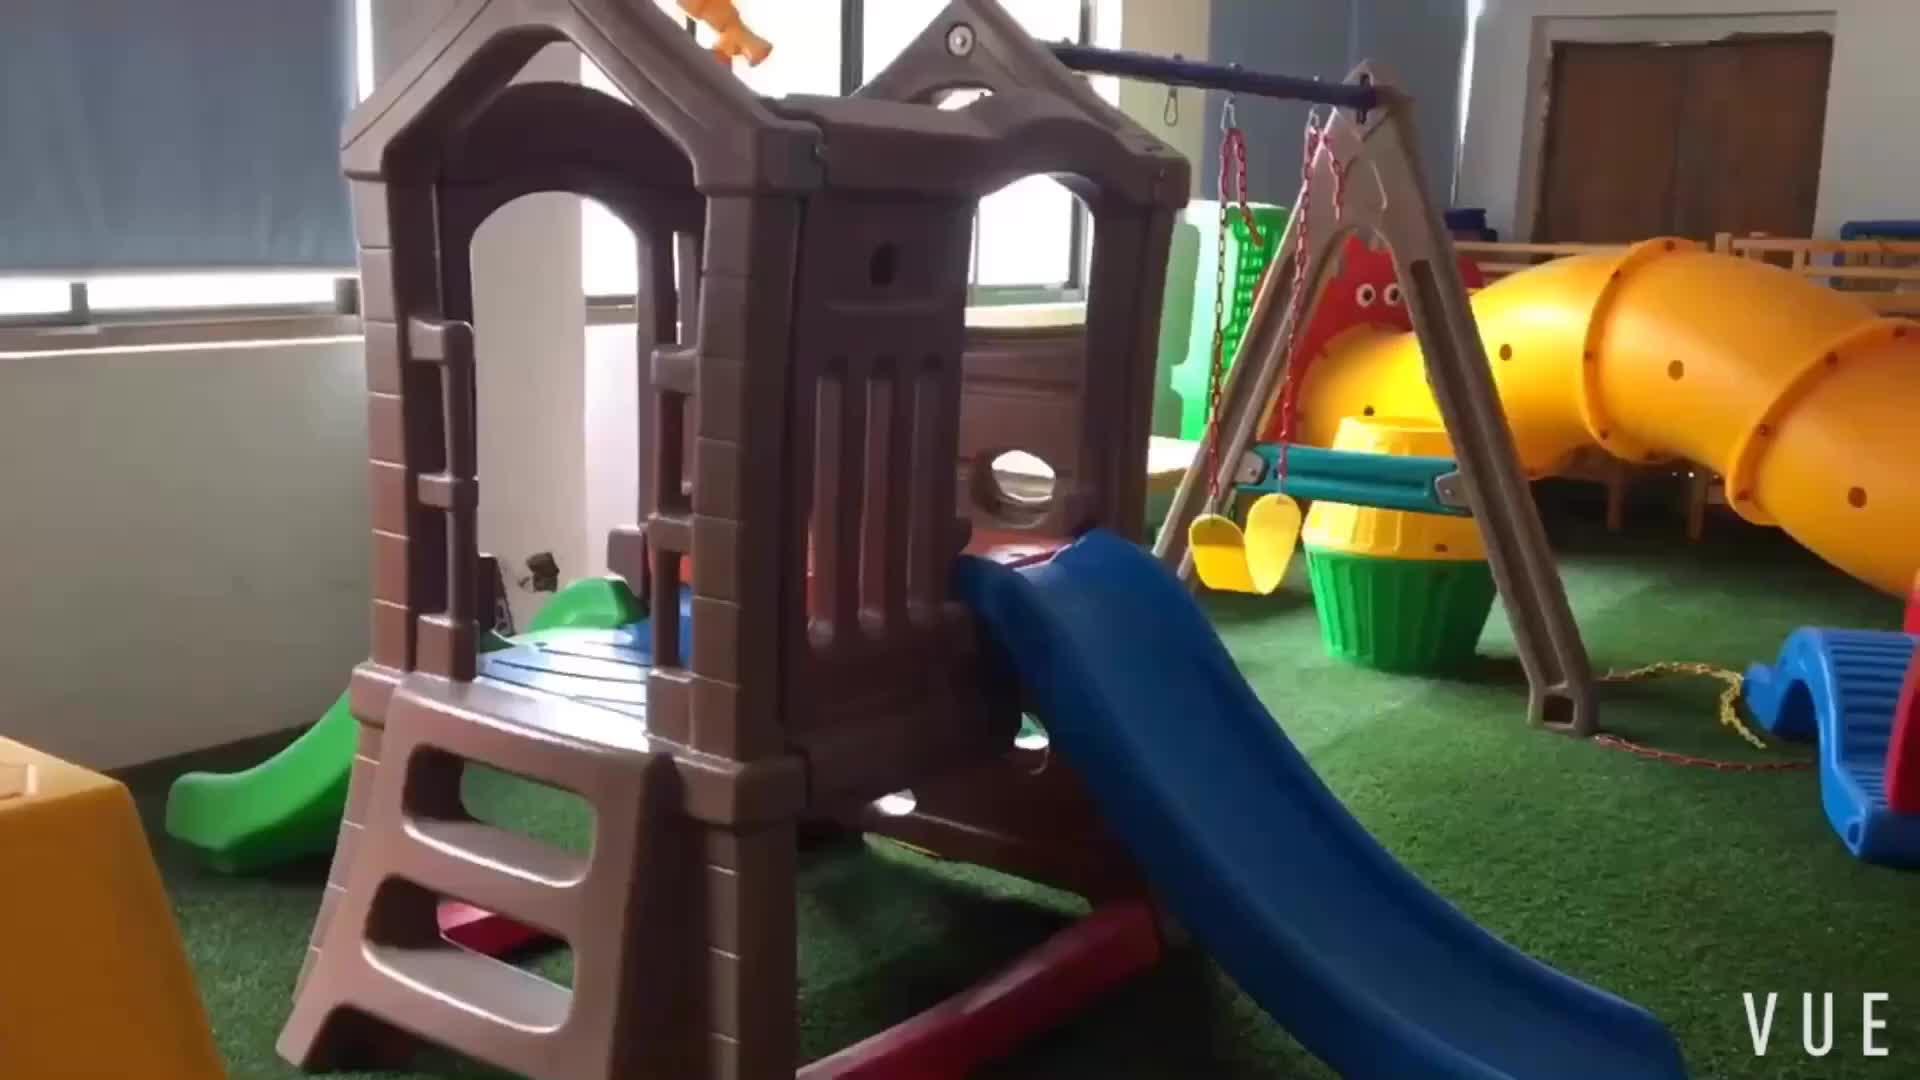 Rotomolding Huis Stijl Outdoor en Indoor Plastic Play Glijbaan en Schommel Set